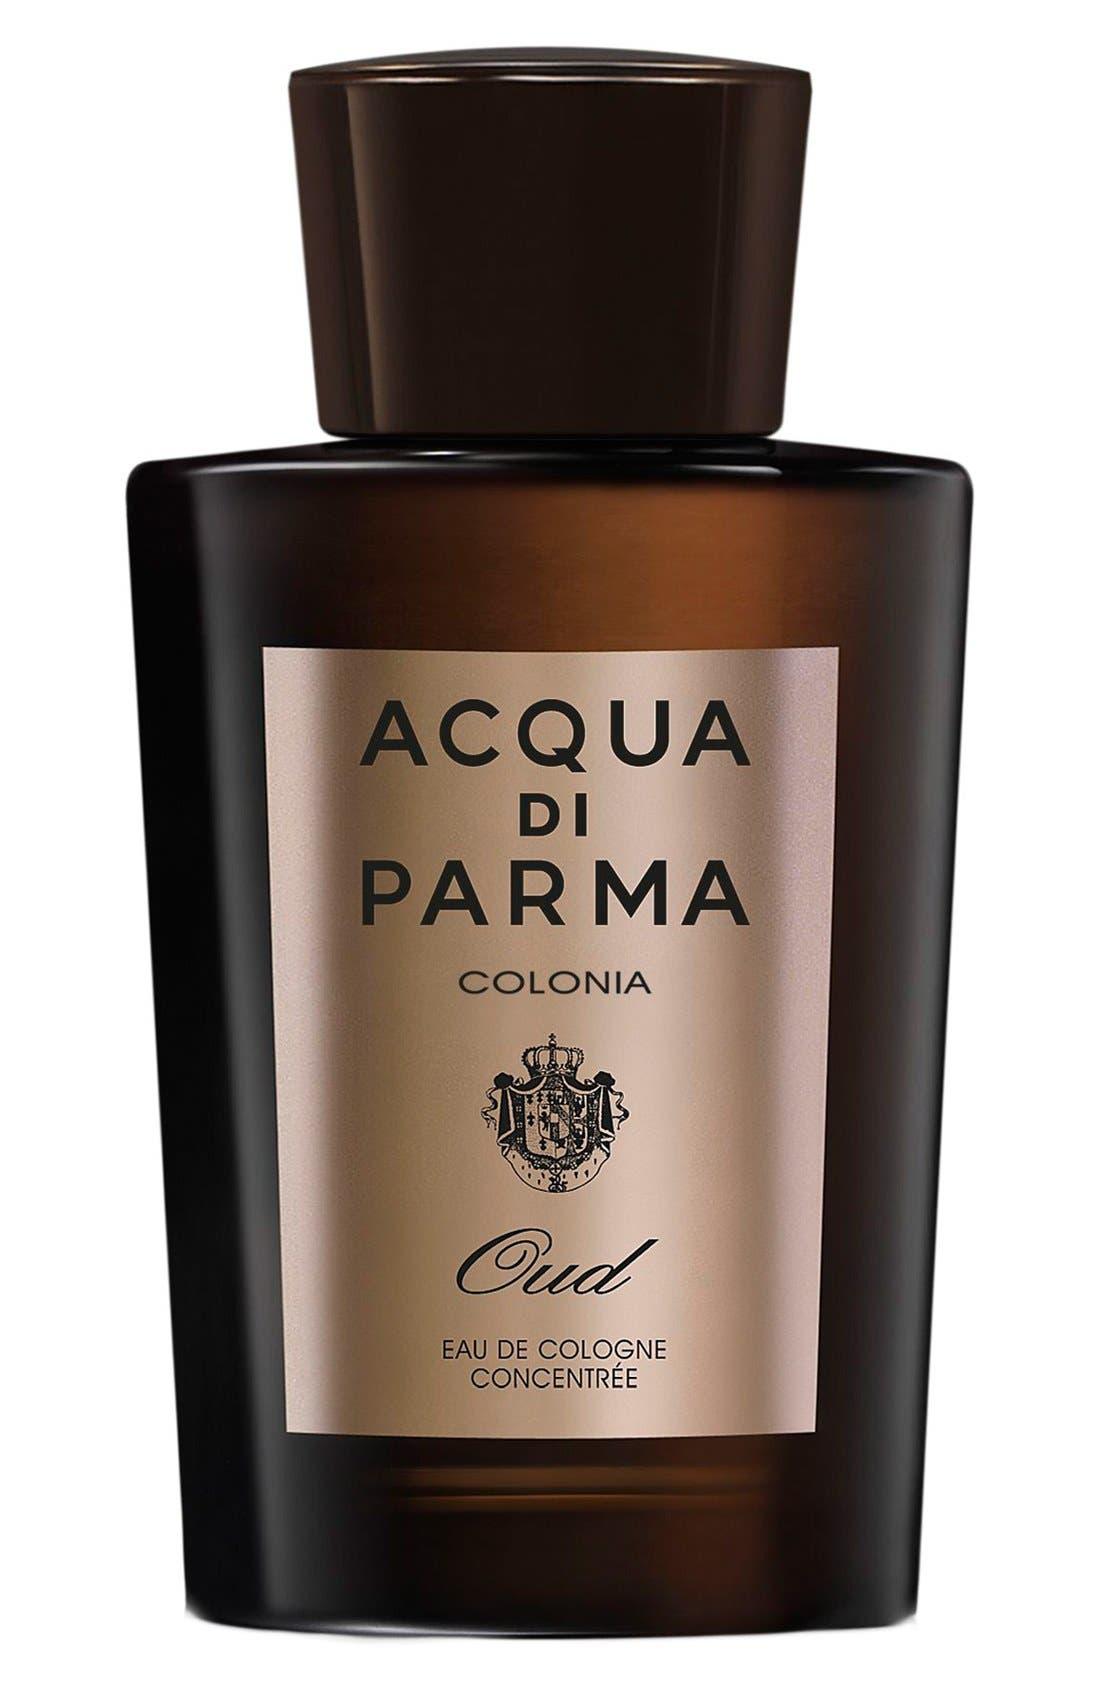 Acqua Di Parma Colonia Oud Eau De Cologne